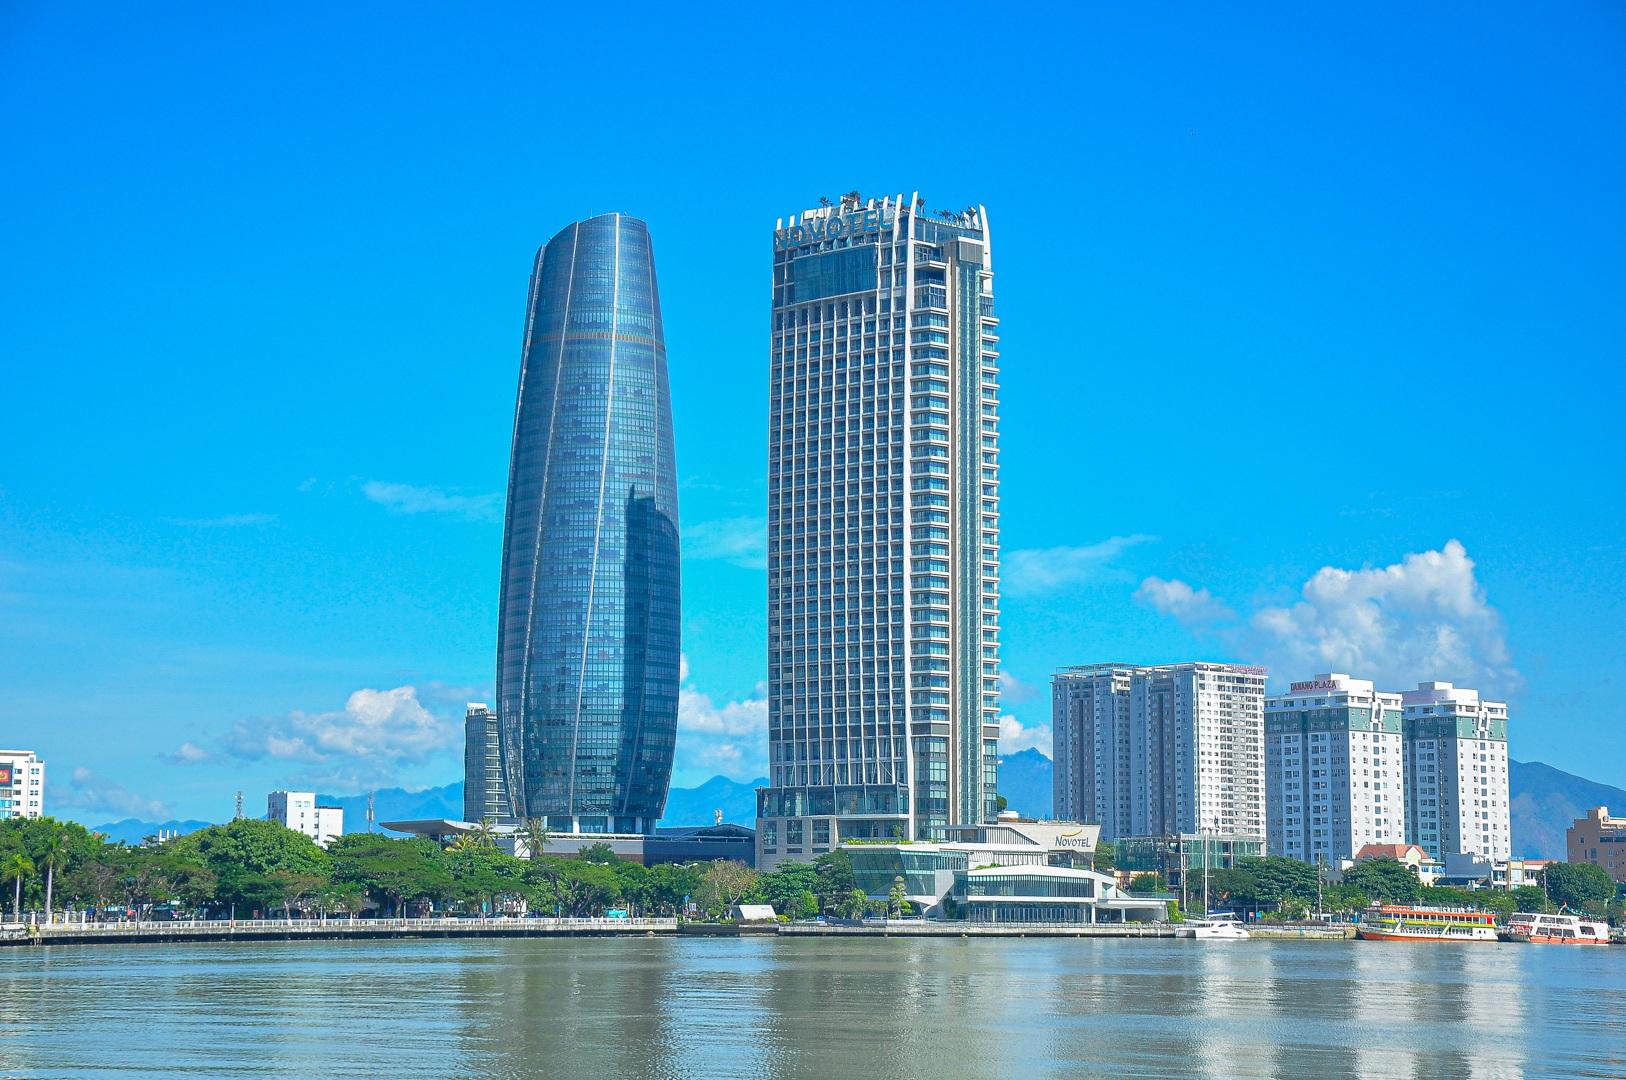 Thủ tướng đồng ý lập đề án xây dựng Đà Nẵng thành trung tâm tài chính quy mô khu vực - Ảnh 1.